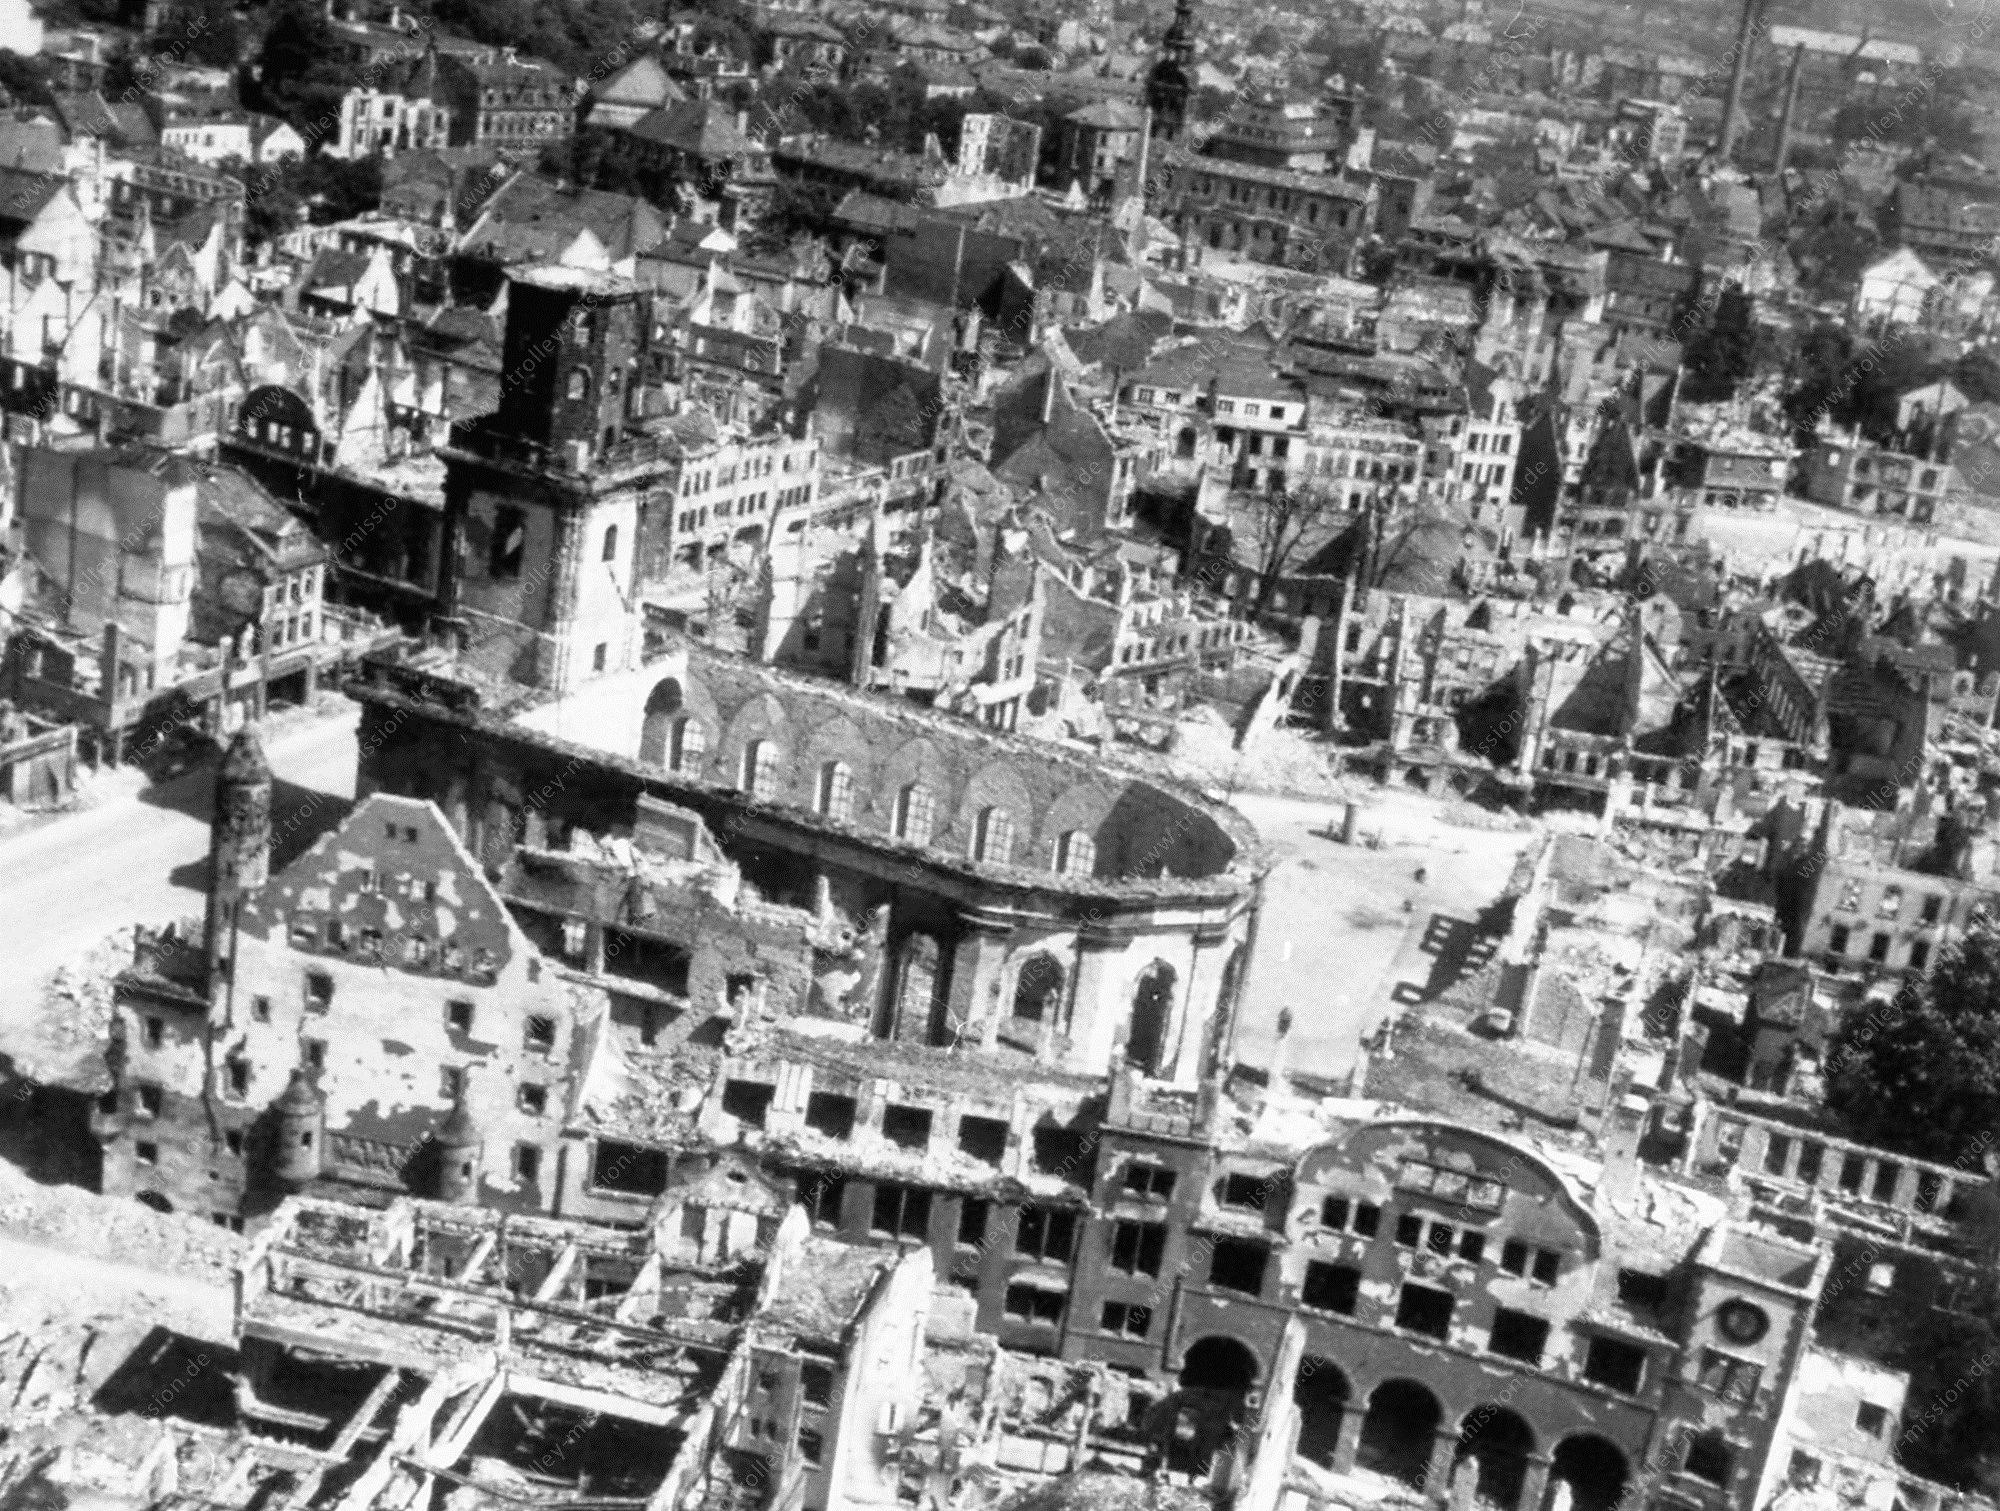 Luftbild der durch Fliegerbomben zerstörten Dreifaltigkeitskirche (Reformations-Gedächtnis-Kirche zur Heiligen Dreifaltigkeit) in Worms